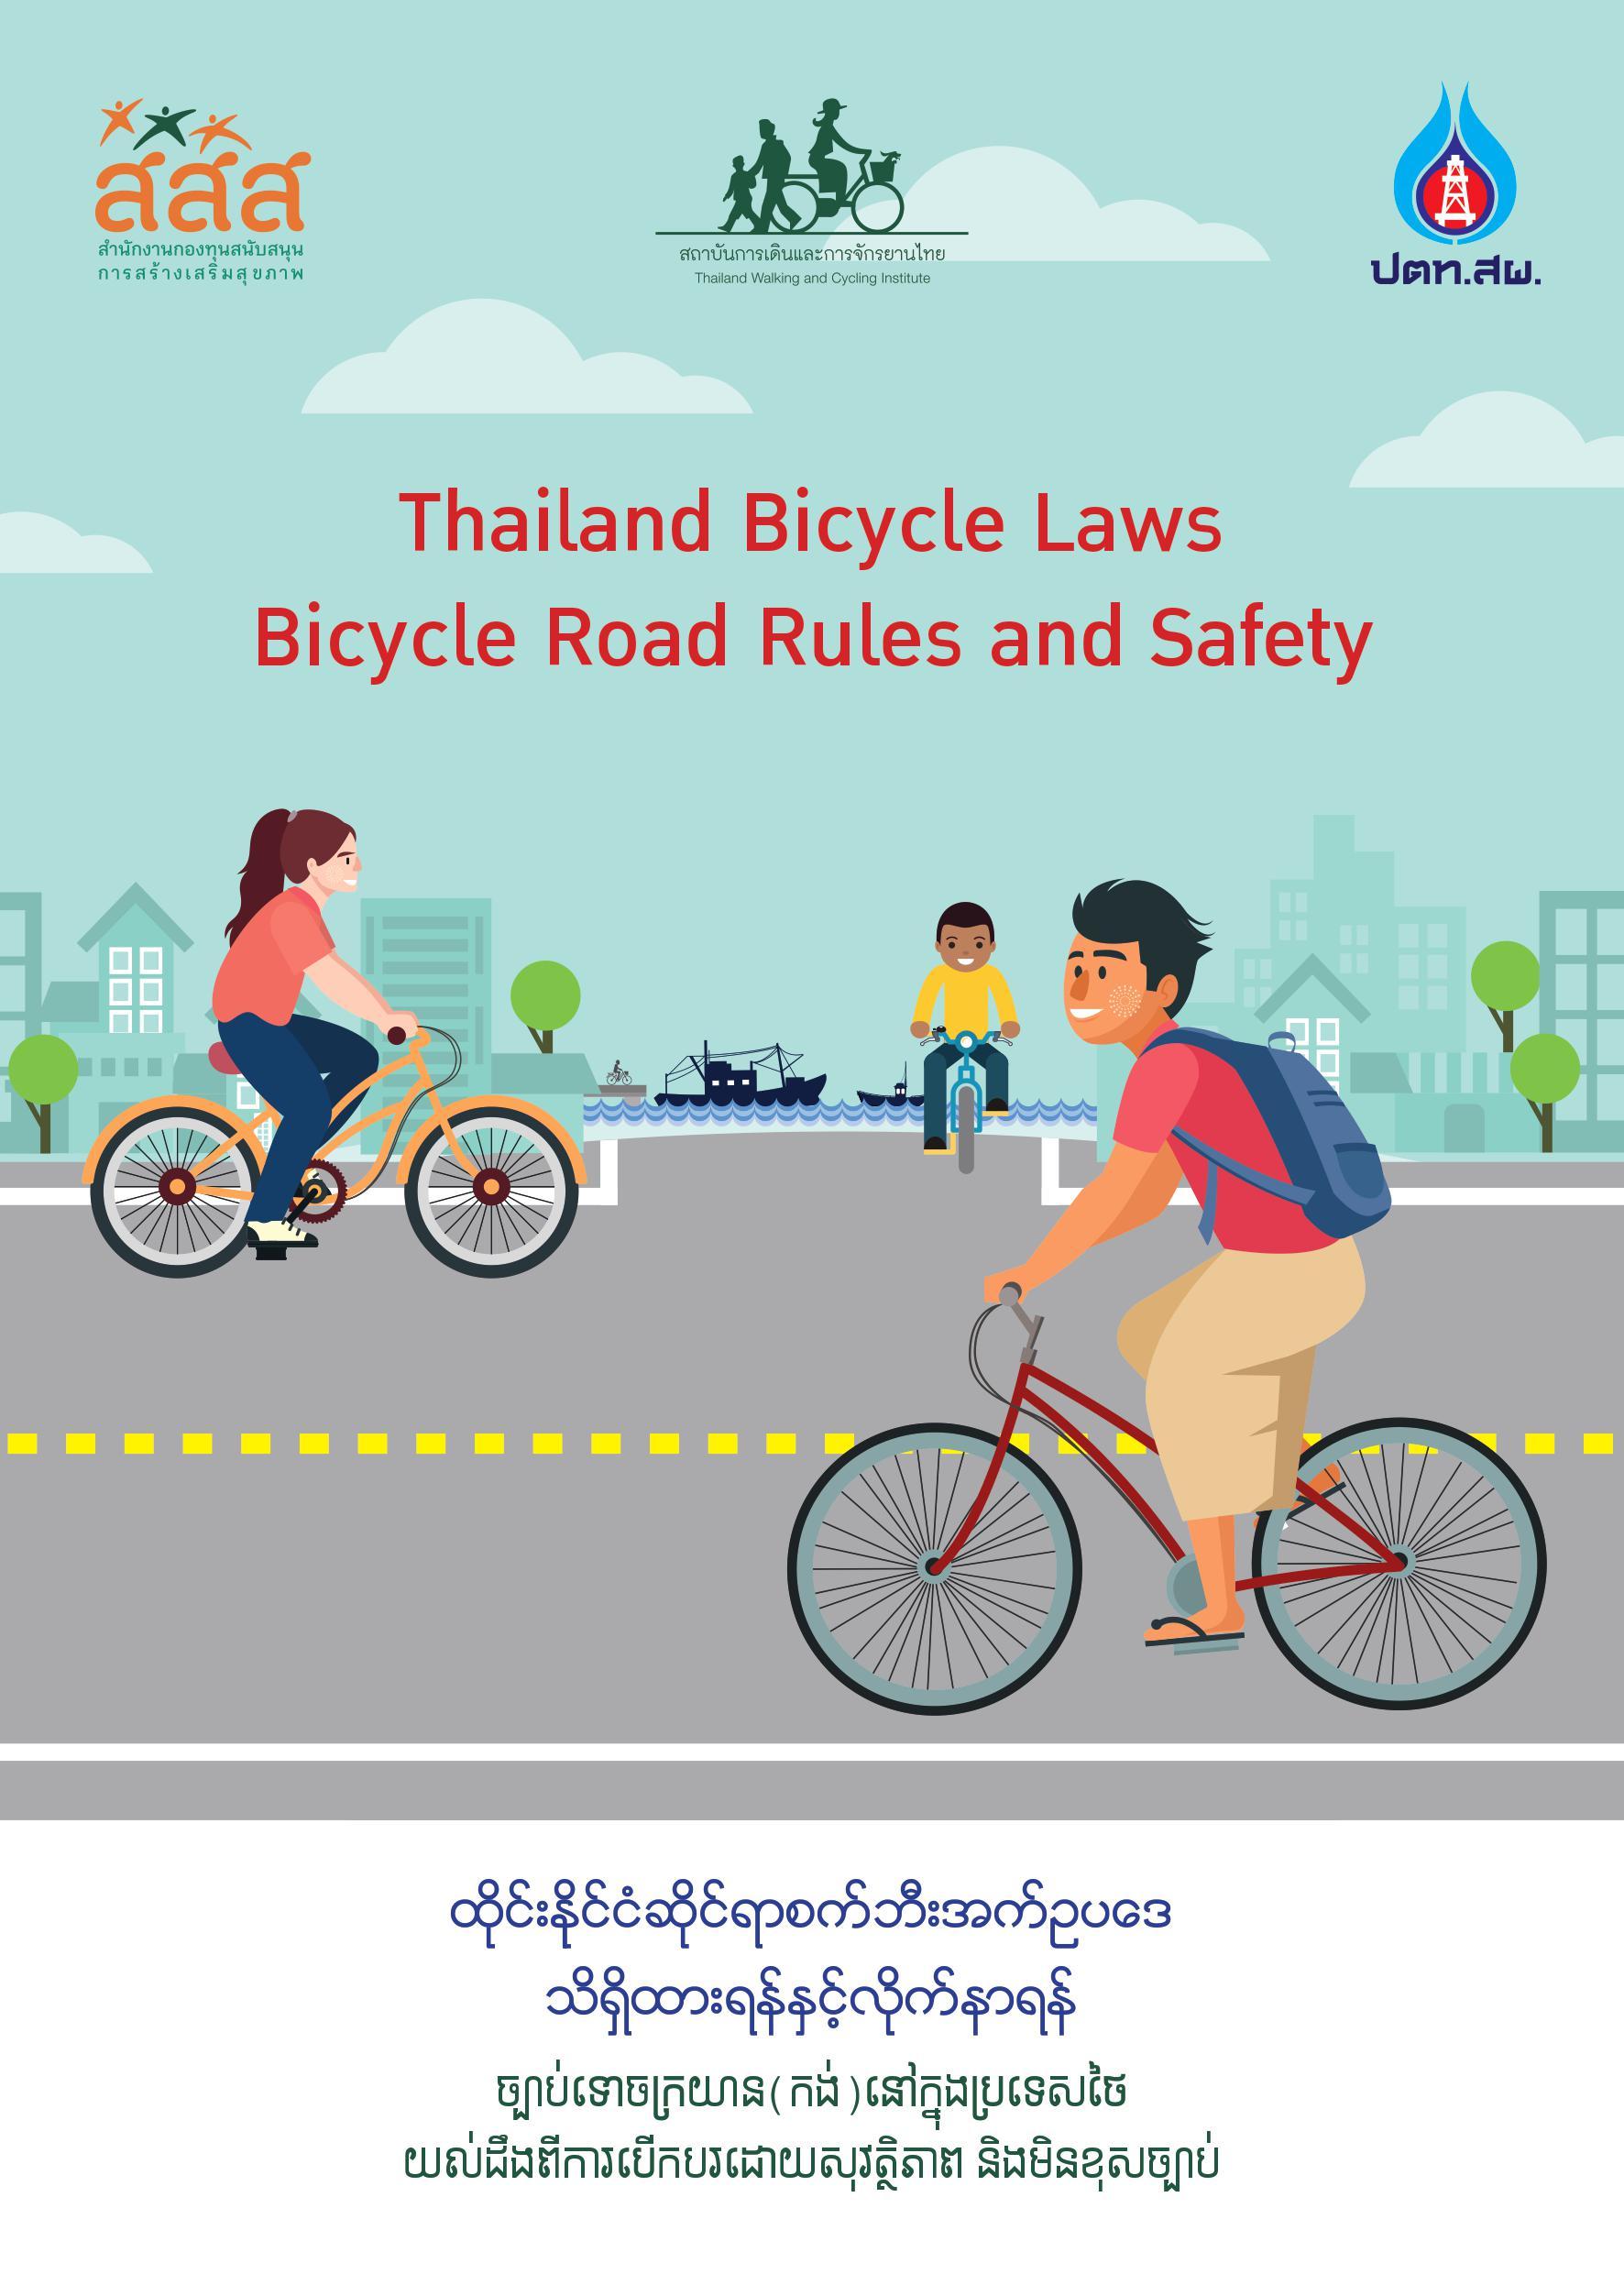 กฎหมายจักรยาน 3 ภาษา อังกฤษ พม่า กัมพูชา